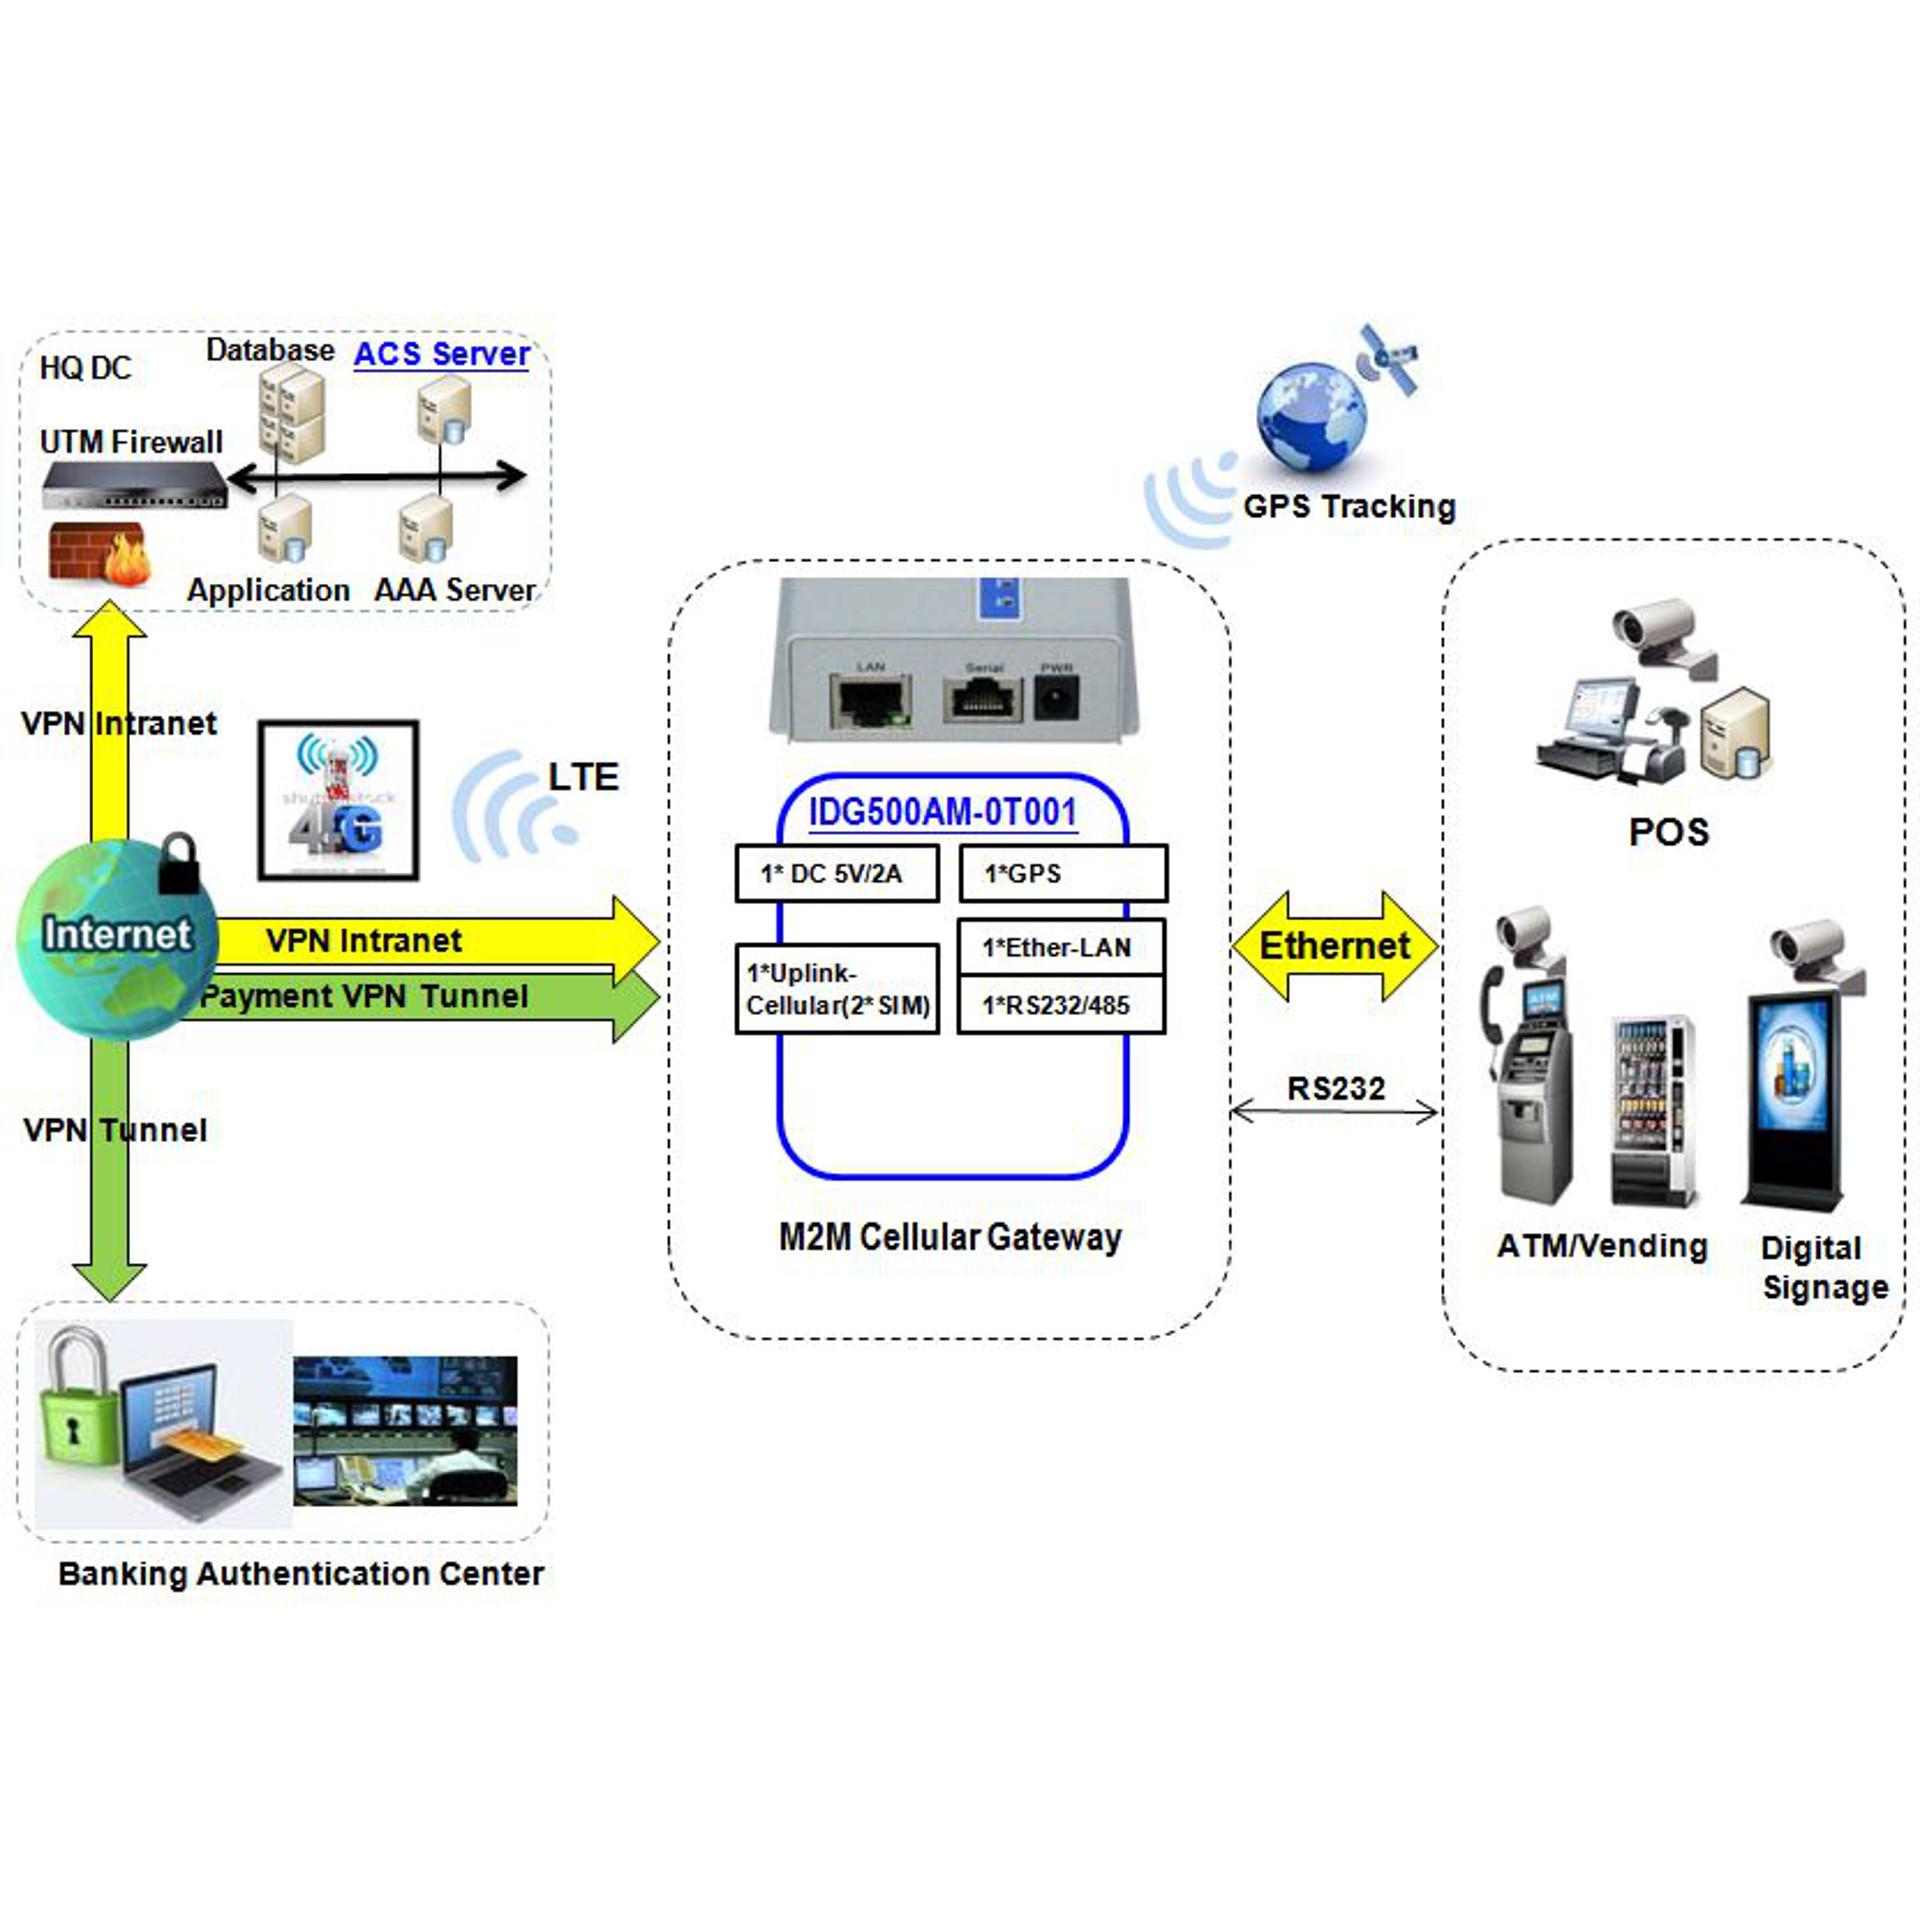 IDG500AM-0T001 - LTE Mobilfunk-Gateway mit GPS - Amit - BellEquip